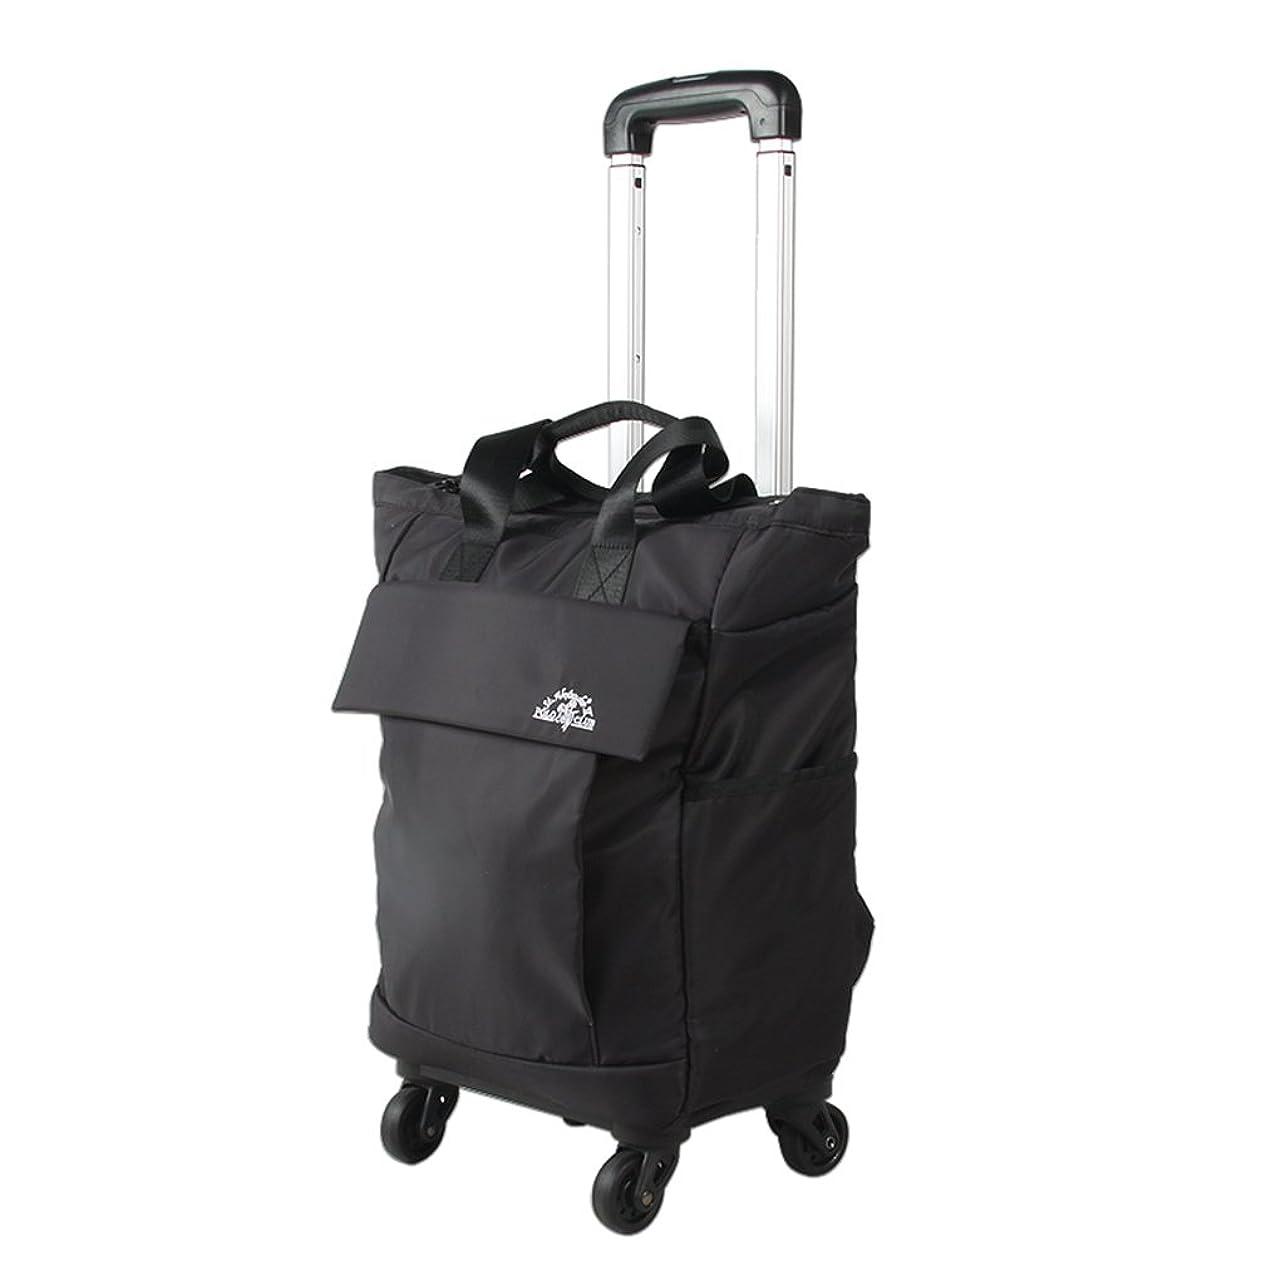 前奏曲一瞬維持収穫台車?キャリー ショッピングカート、トロリー旅行バッグの女の子のハンドバッグ近距離の光と大容量の荷物袋旅行袋搭乗トロリーバッグ (Color : Black, Size : 30*94cm)